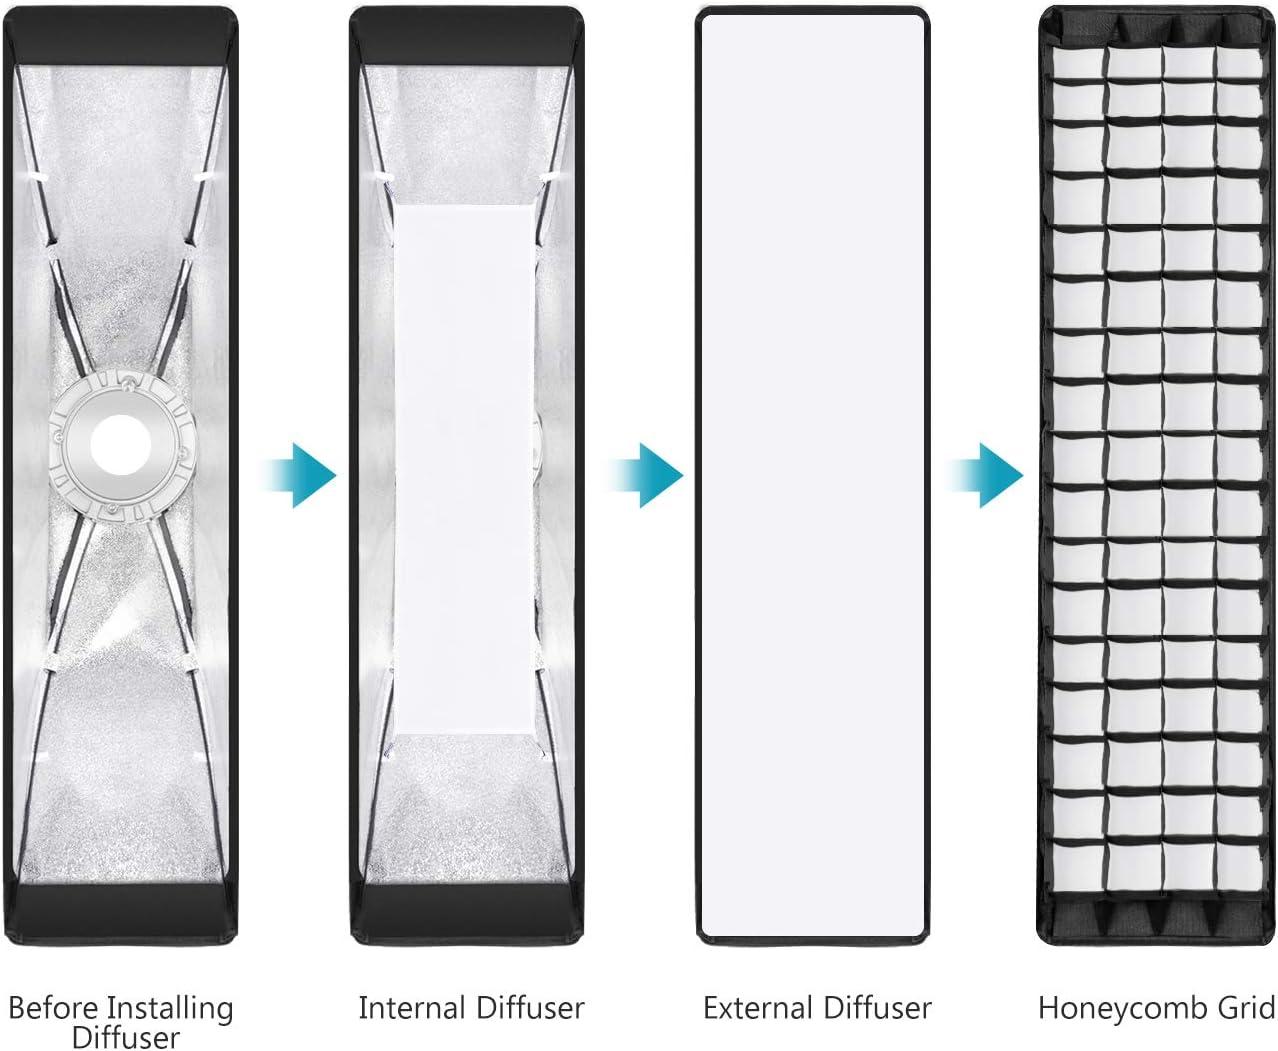 Neewer 2 Packs 22x90 Cent/ímetros Softbox Rejilla Nido de Abeja con Velocidad de Montaje de Bowens para Speedlite Estudio Flash Monolight Retrato y Fotograf/ía de Producto